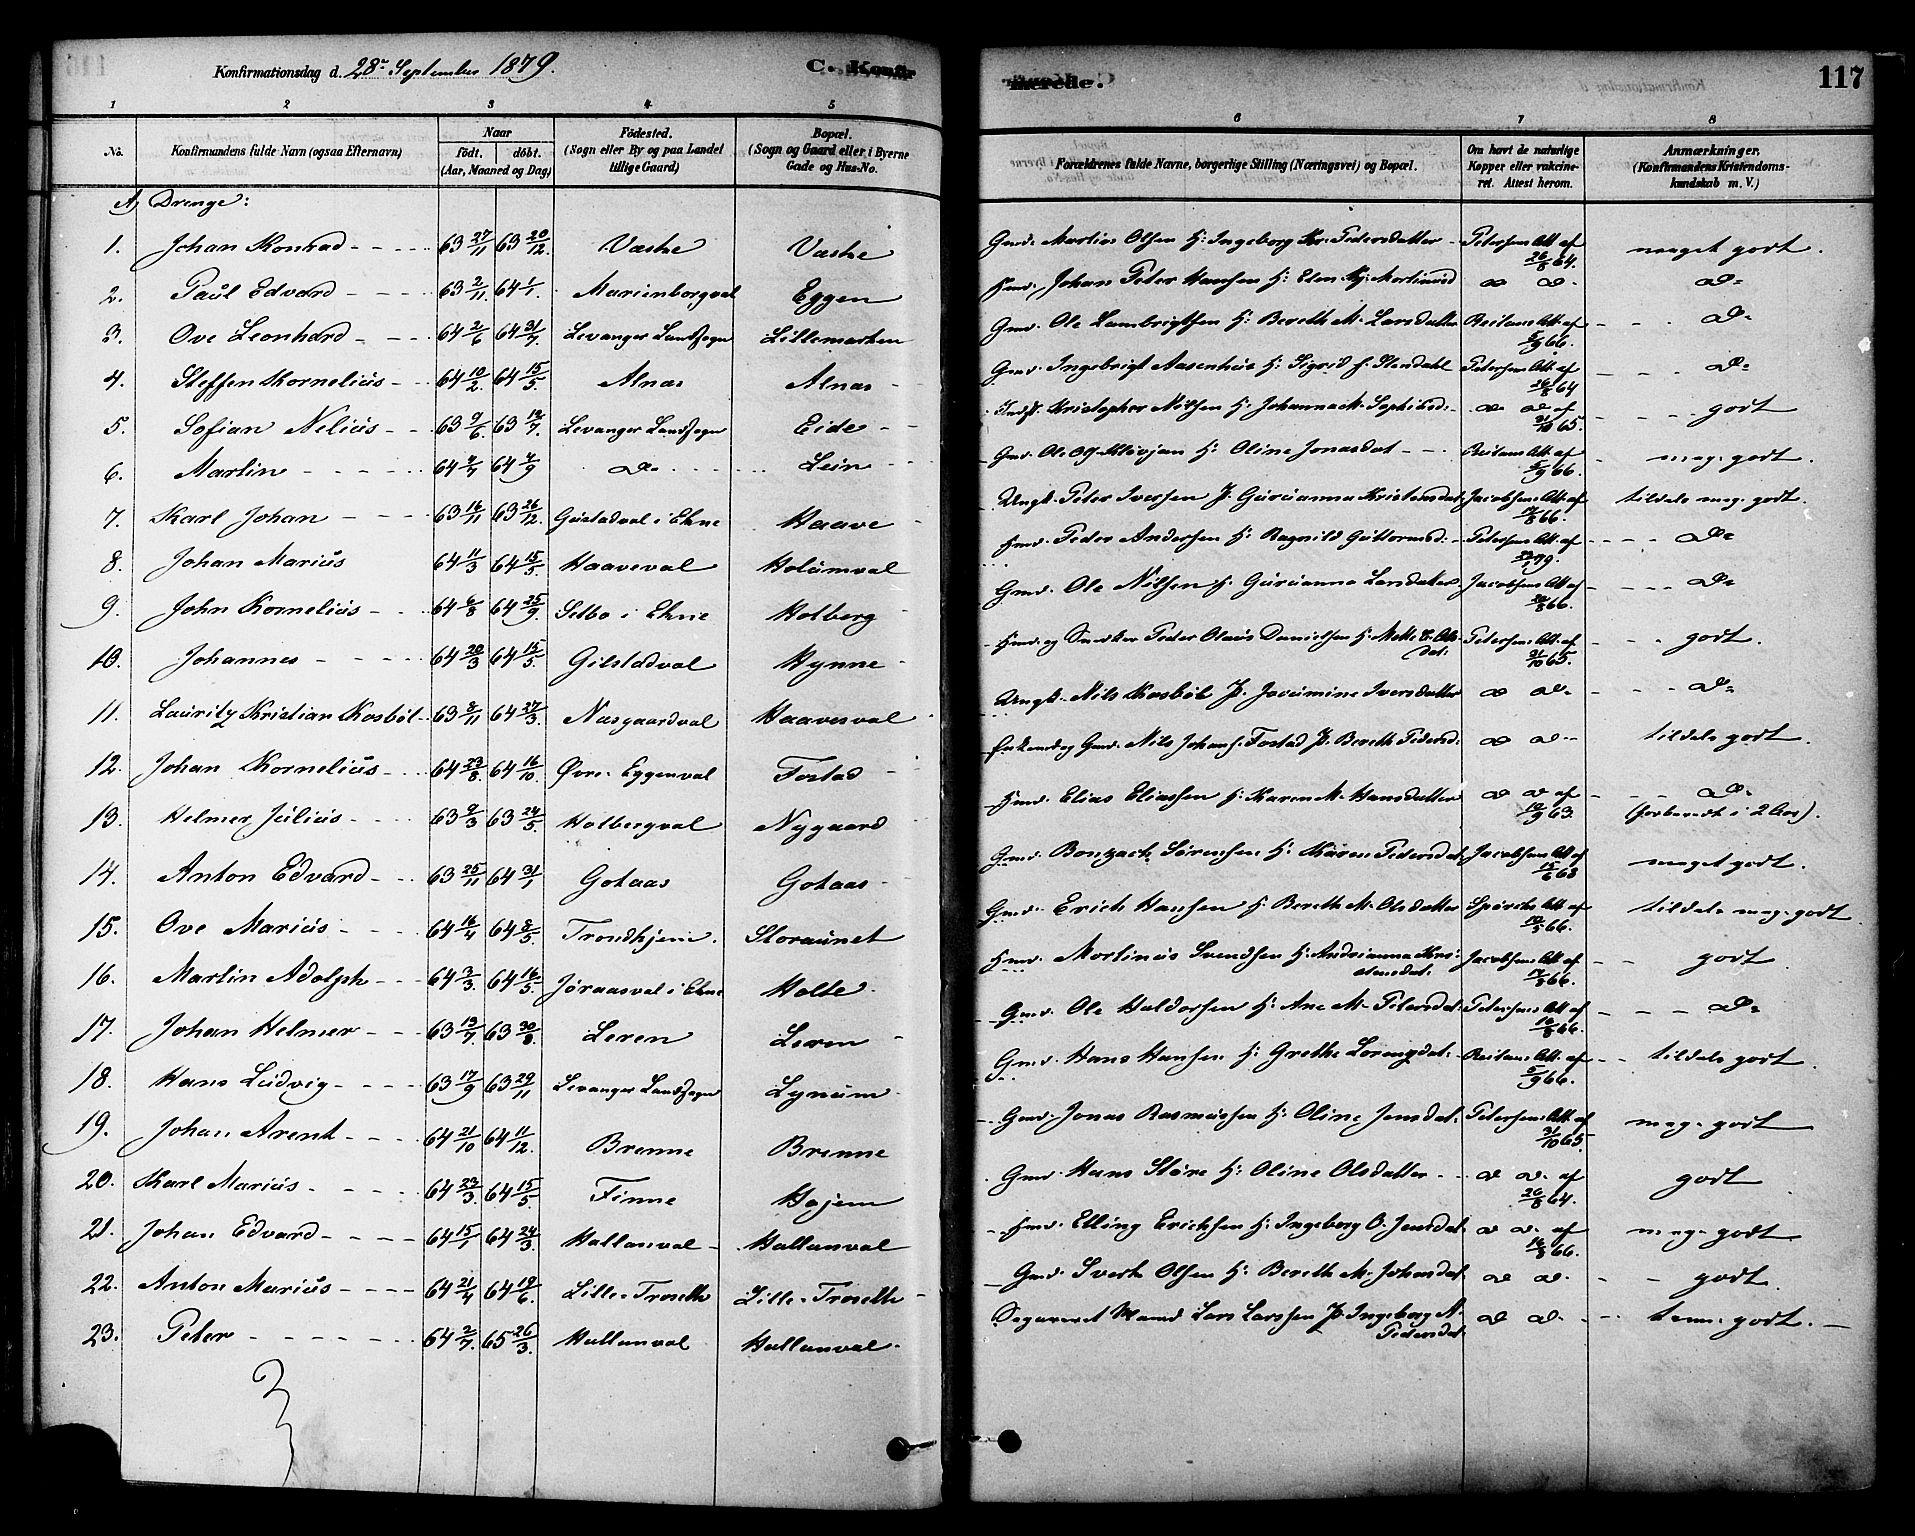 SAT, Ministerialprotokoller, klokkerbøker og fødselsregistre - Nord-Trøndelag, 717/L0159: Ministerialbok nr. 717A09, 1878-1898, s. 117